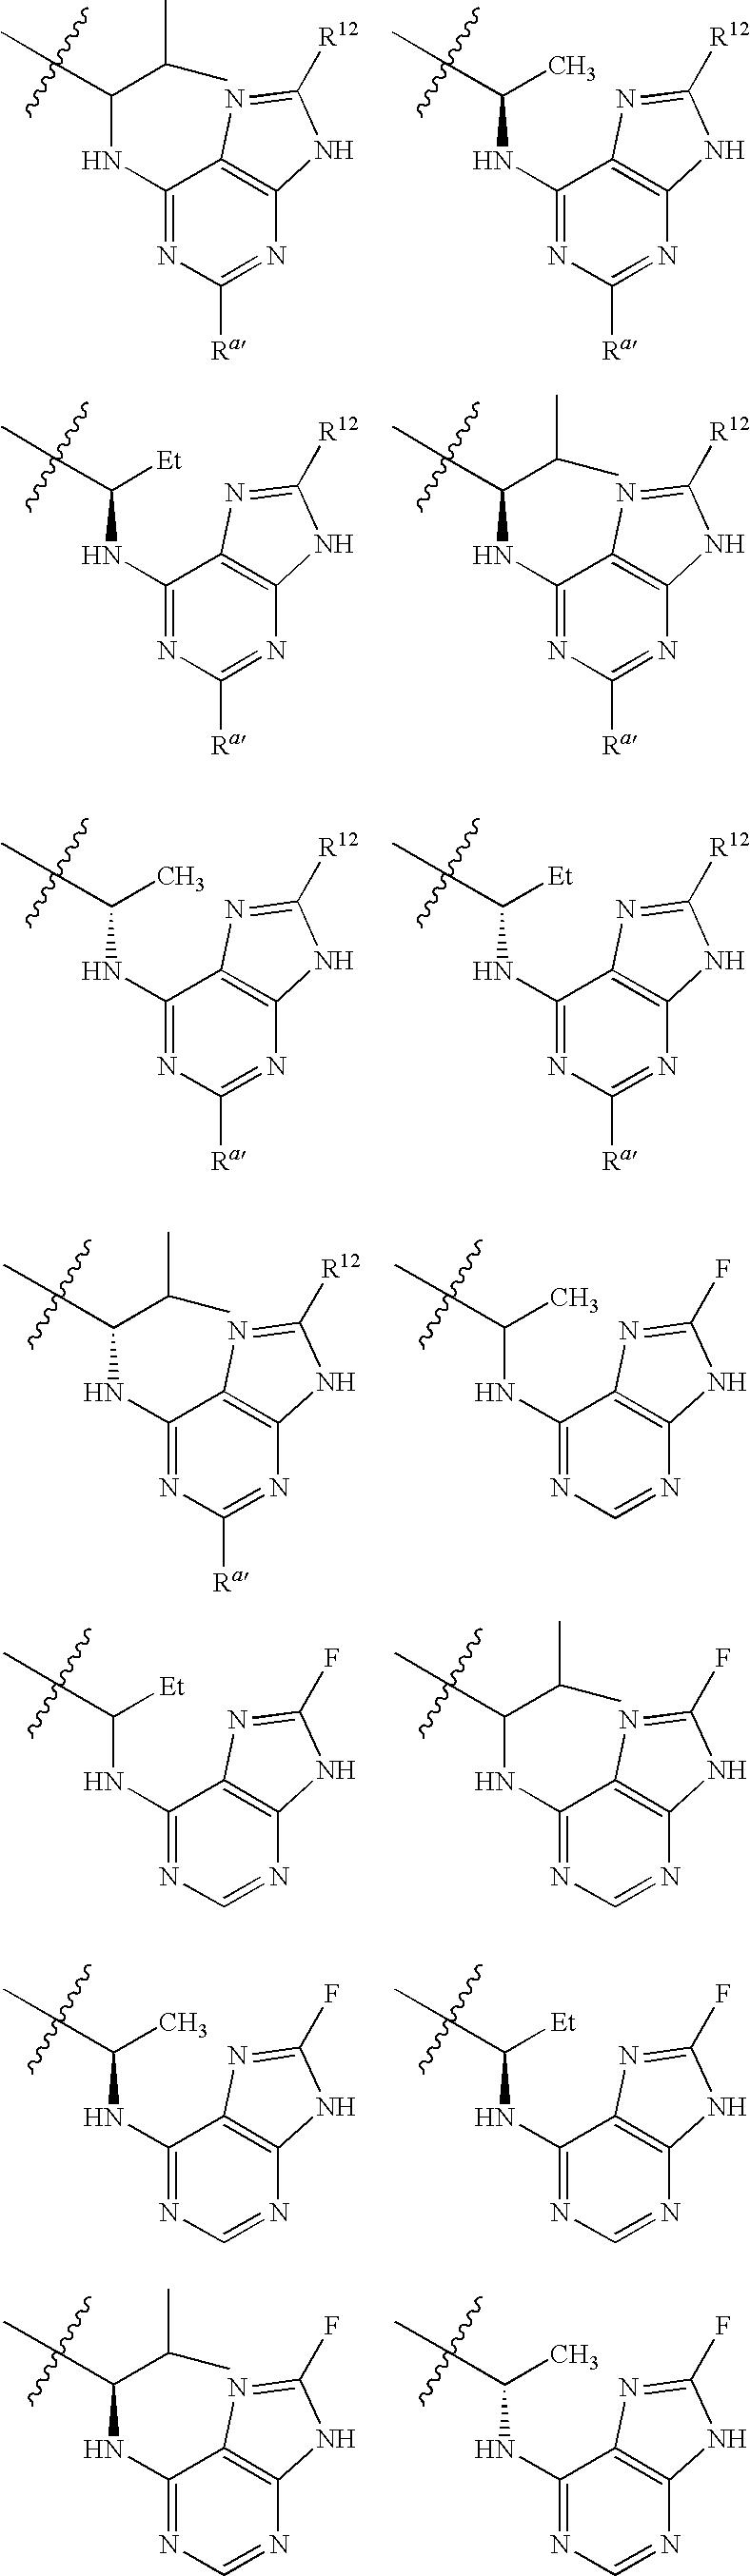 Figure US20090312319A1-20091217-C00039